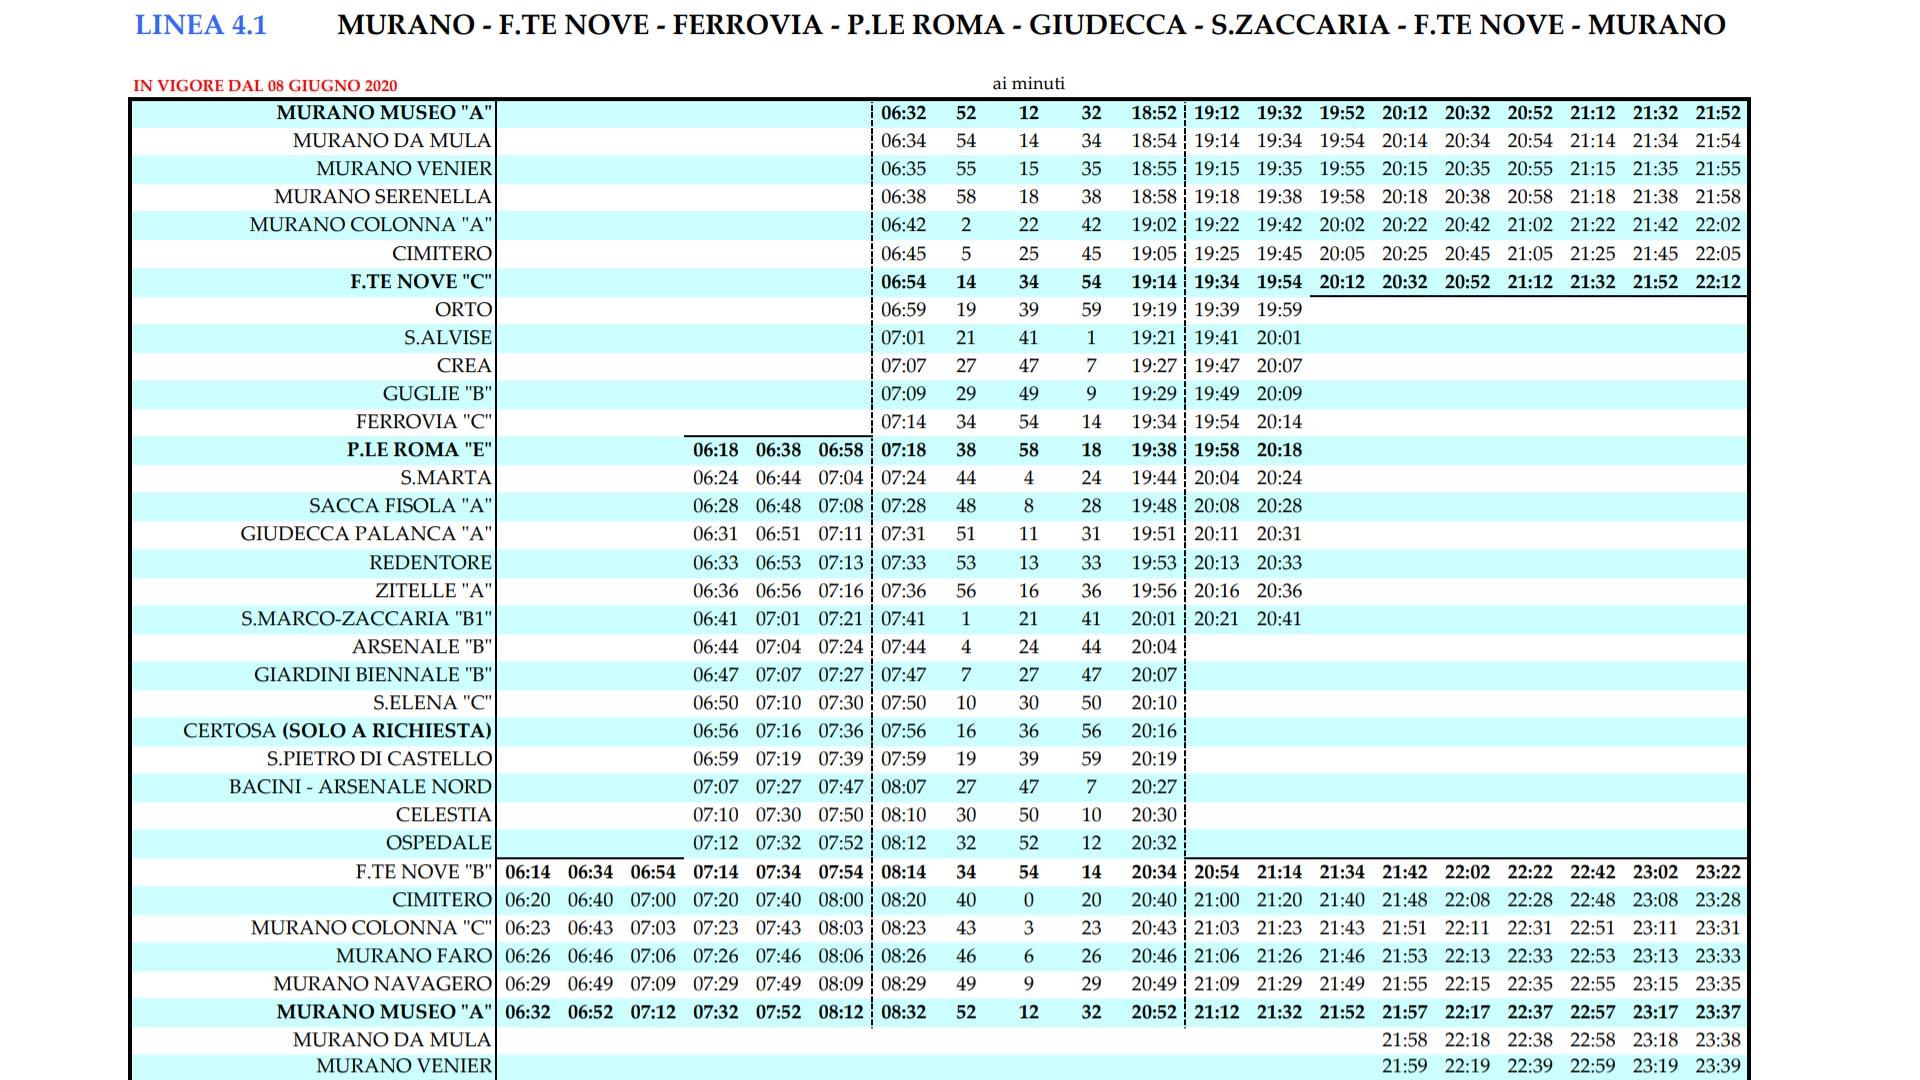 Rozkład Tramwajów wodnych 4.1 z Wenecji na Murano